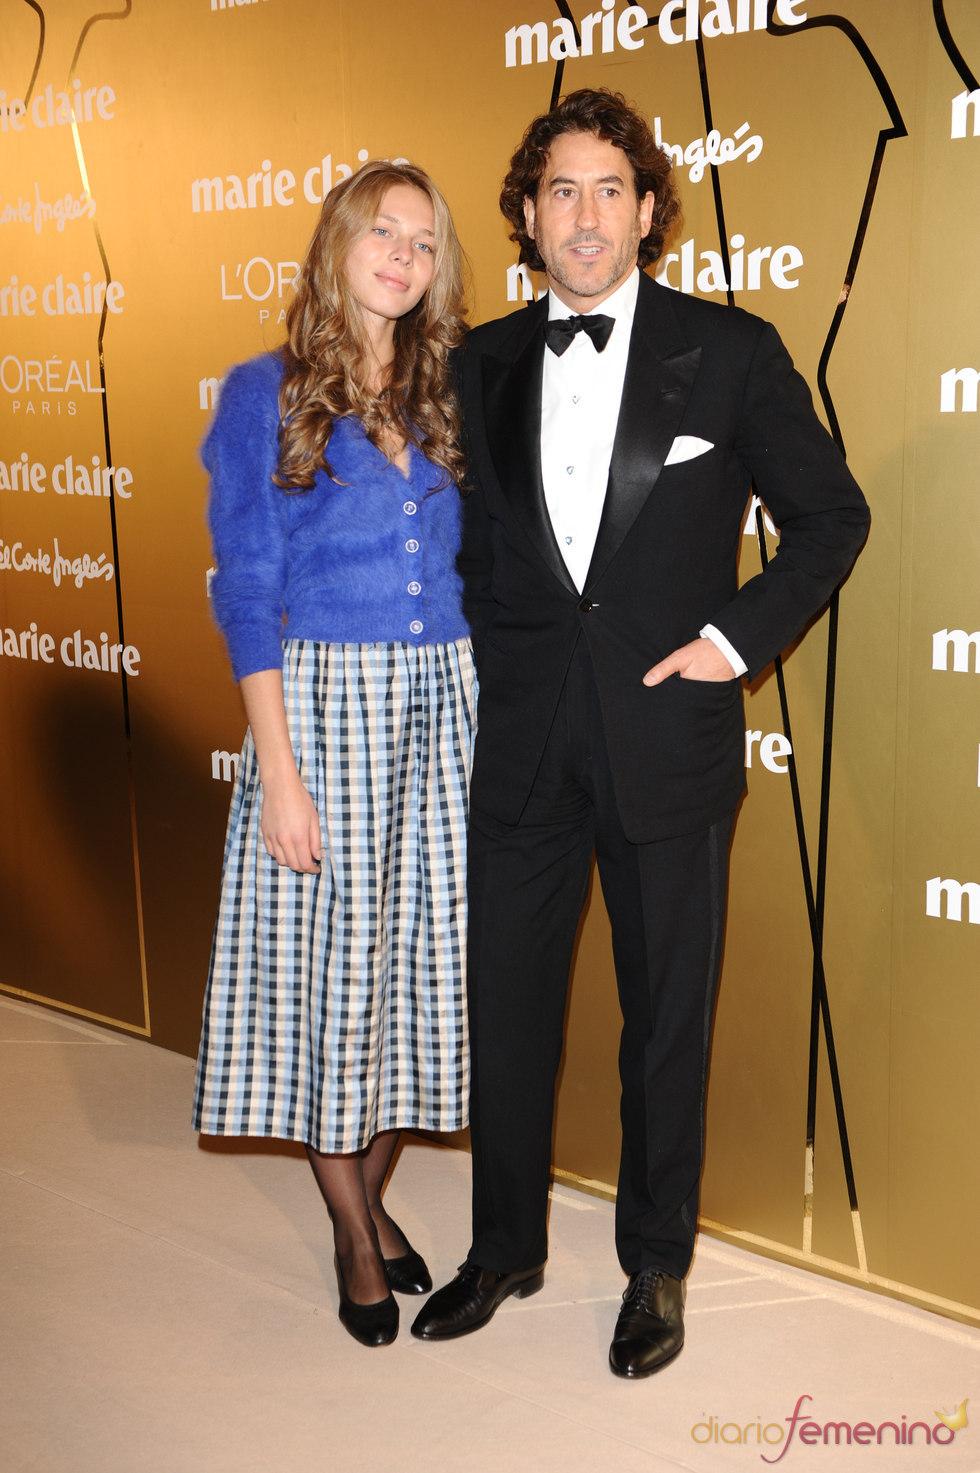 Álvaro de Marichalar y Ekaterina en los Premios Marie Claire 2010